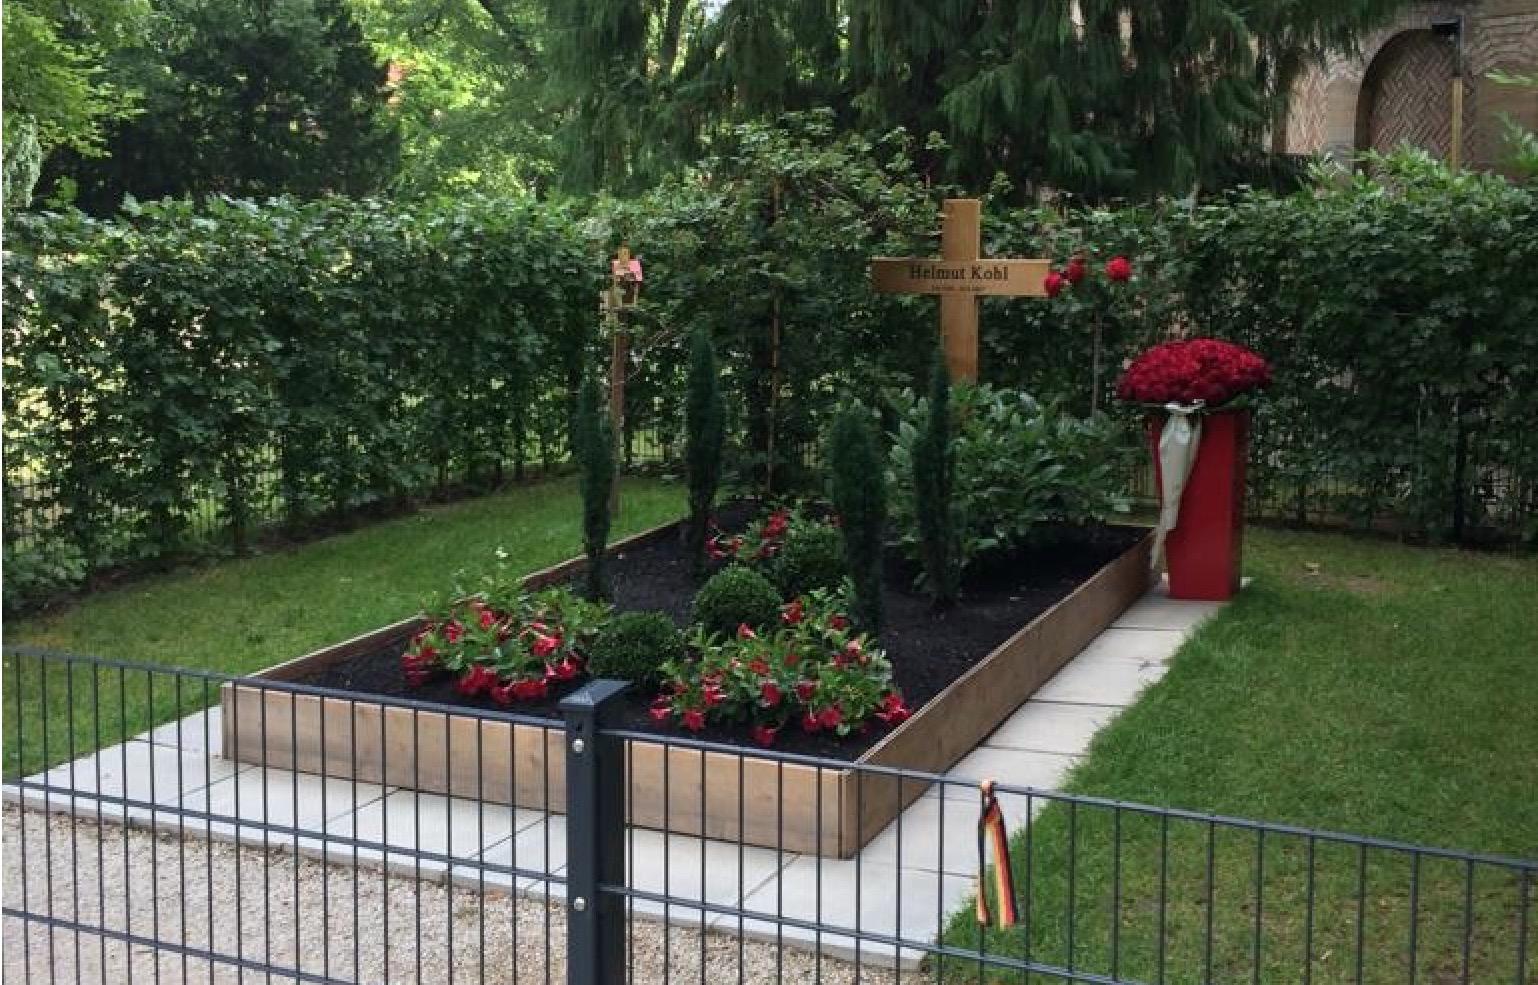 Flörsheimer CDU am Grab vom Helmut Kohl